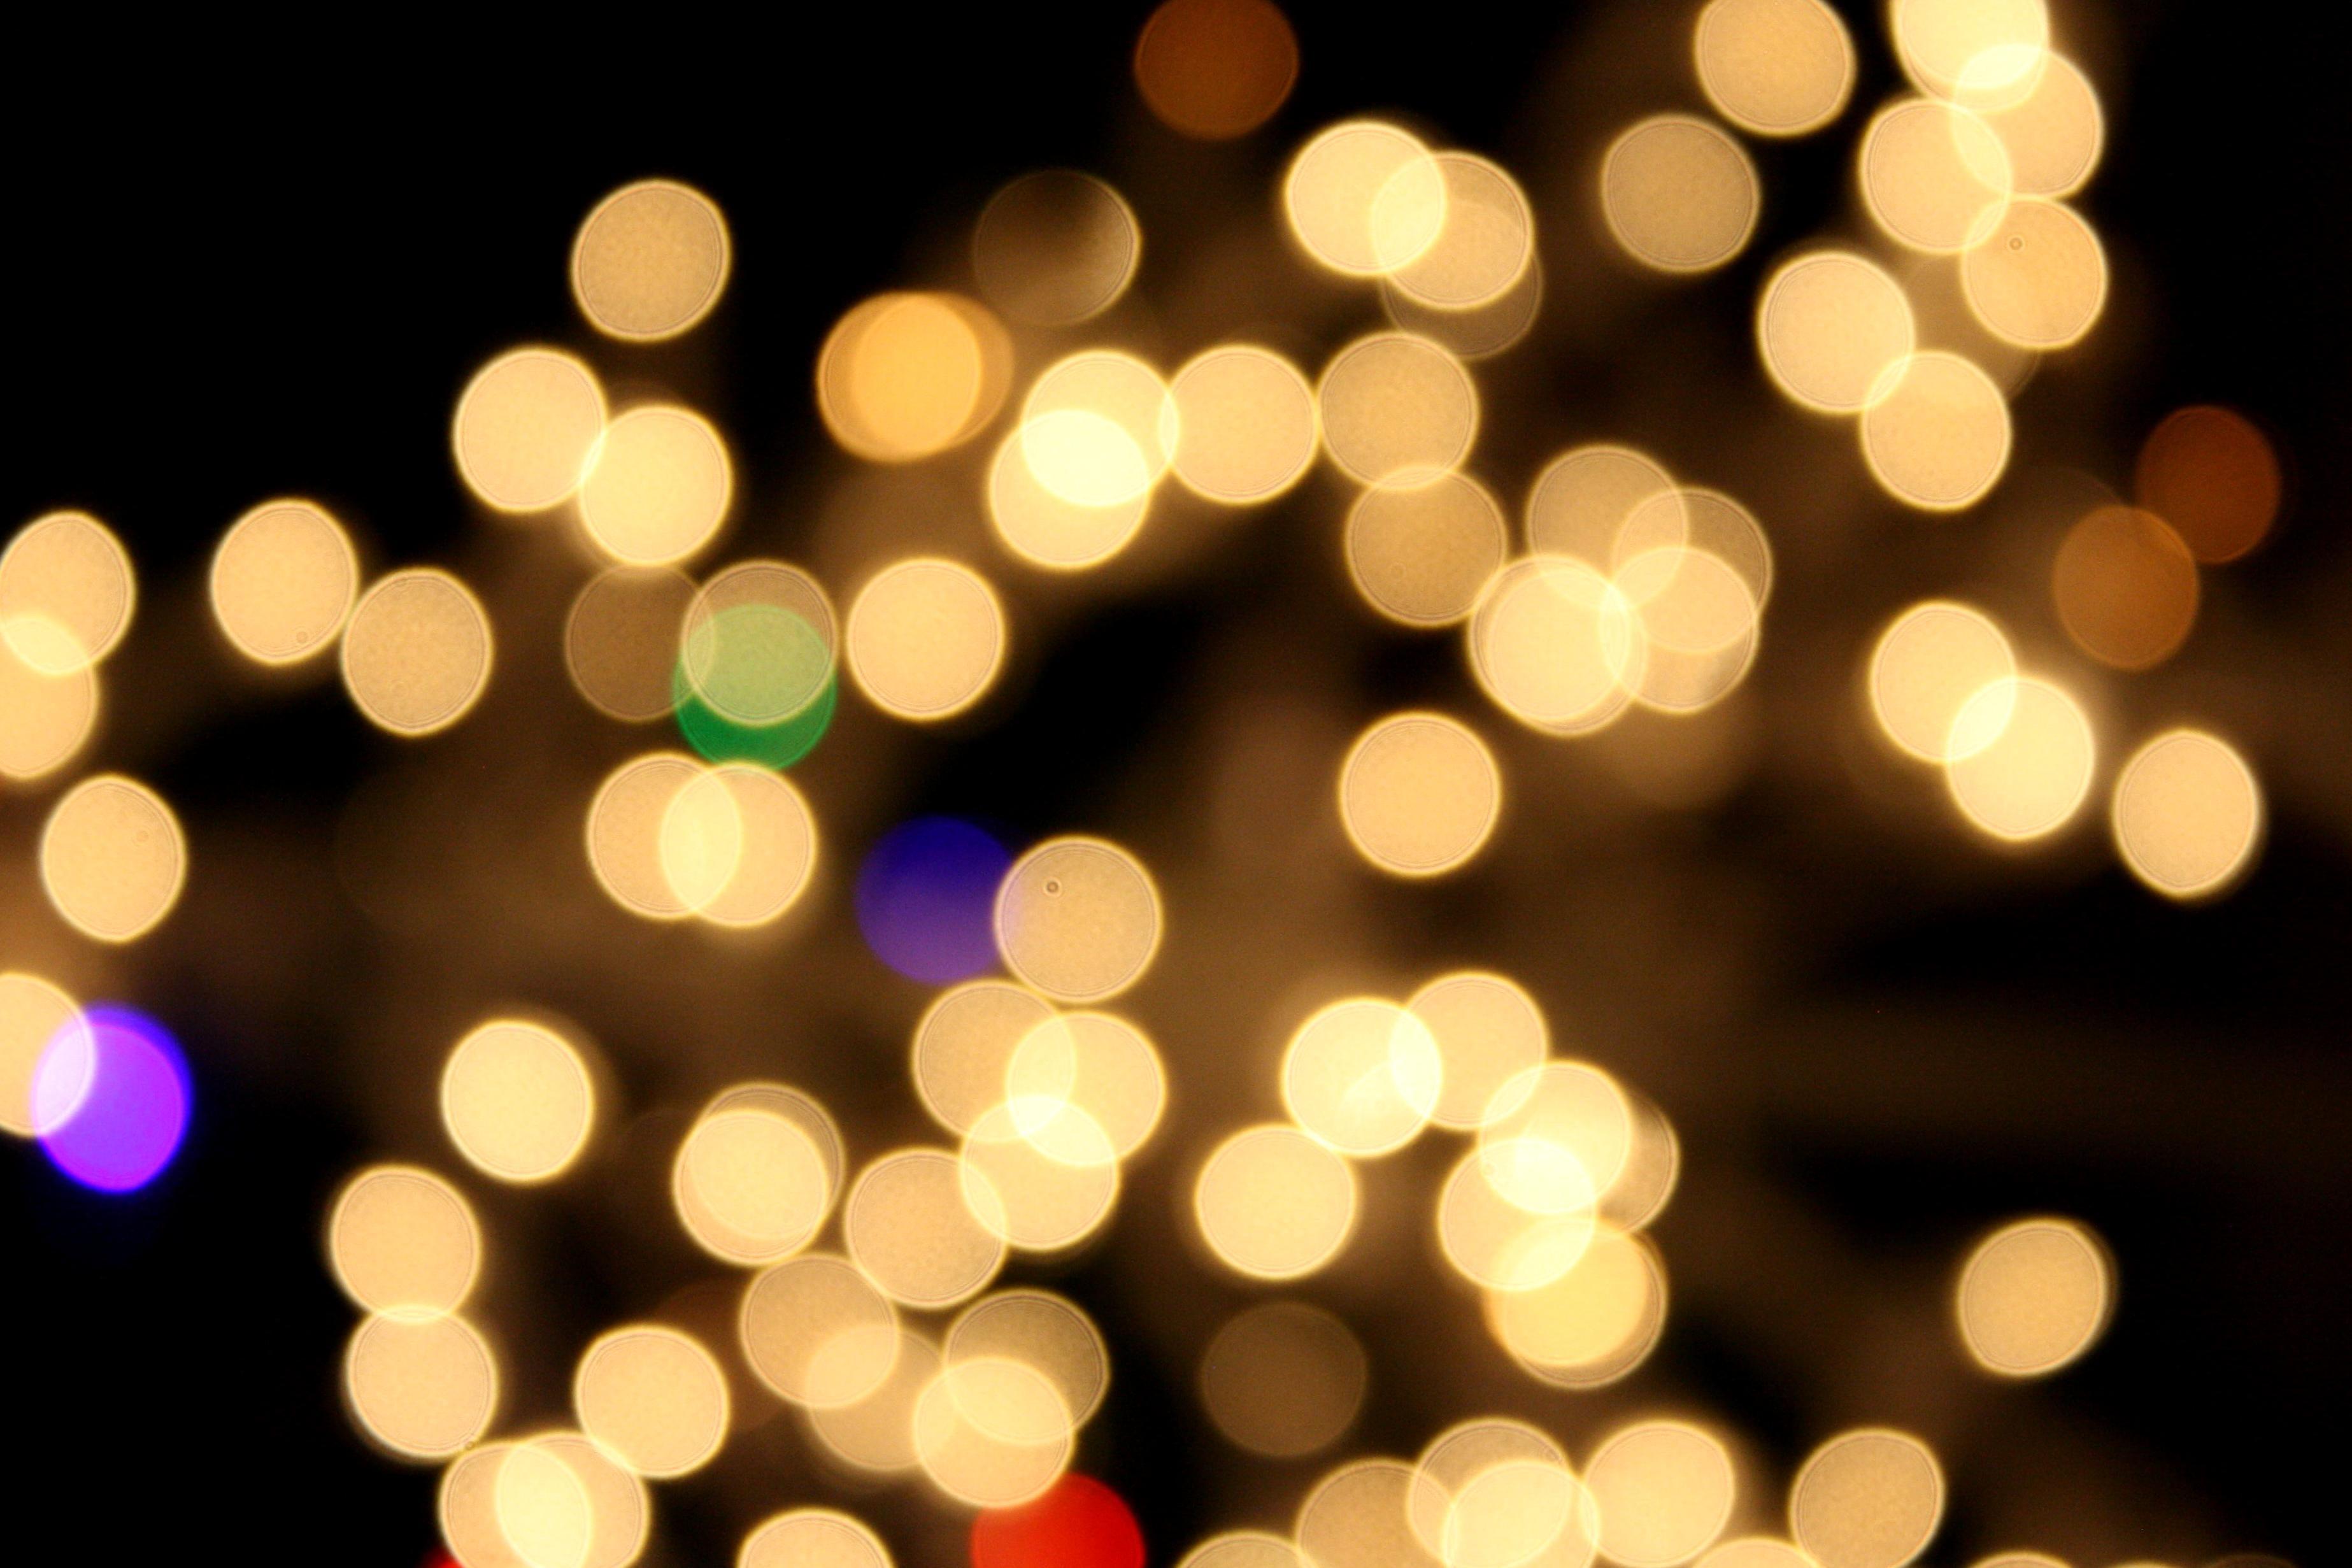 Imagen Gratis: Luces Borrosas, Luces, Noche